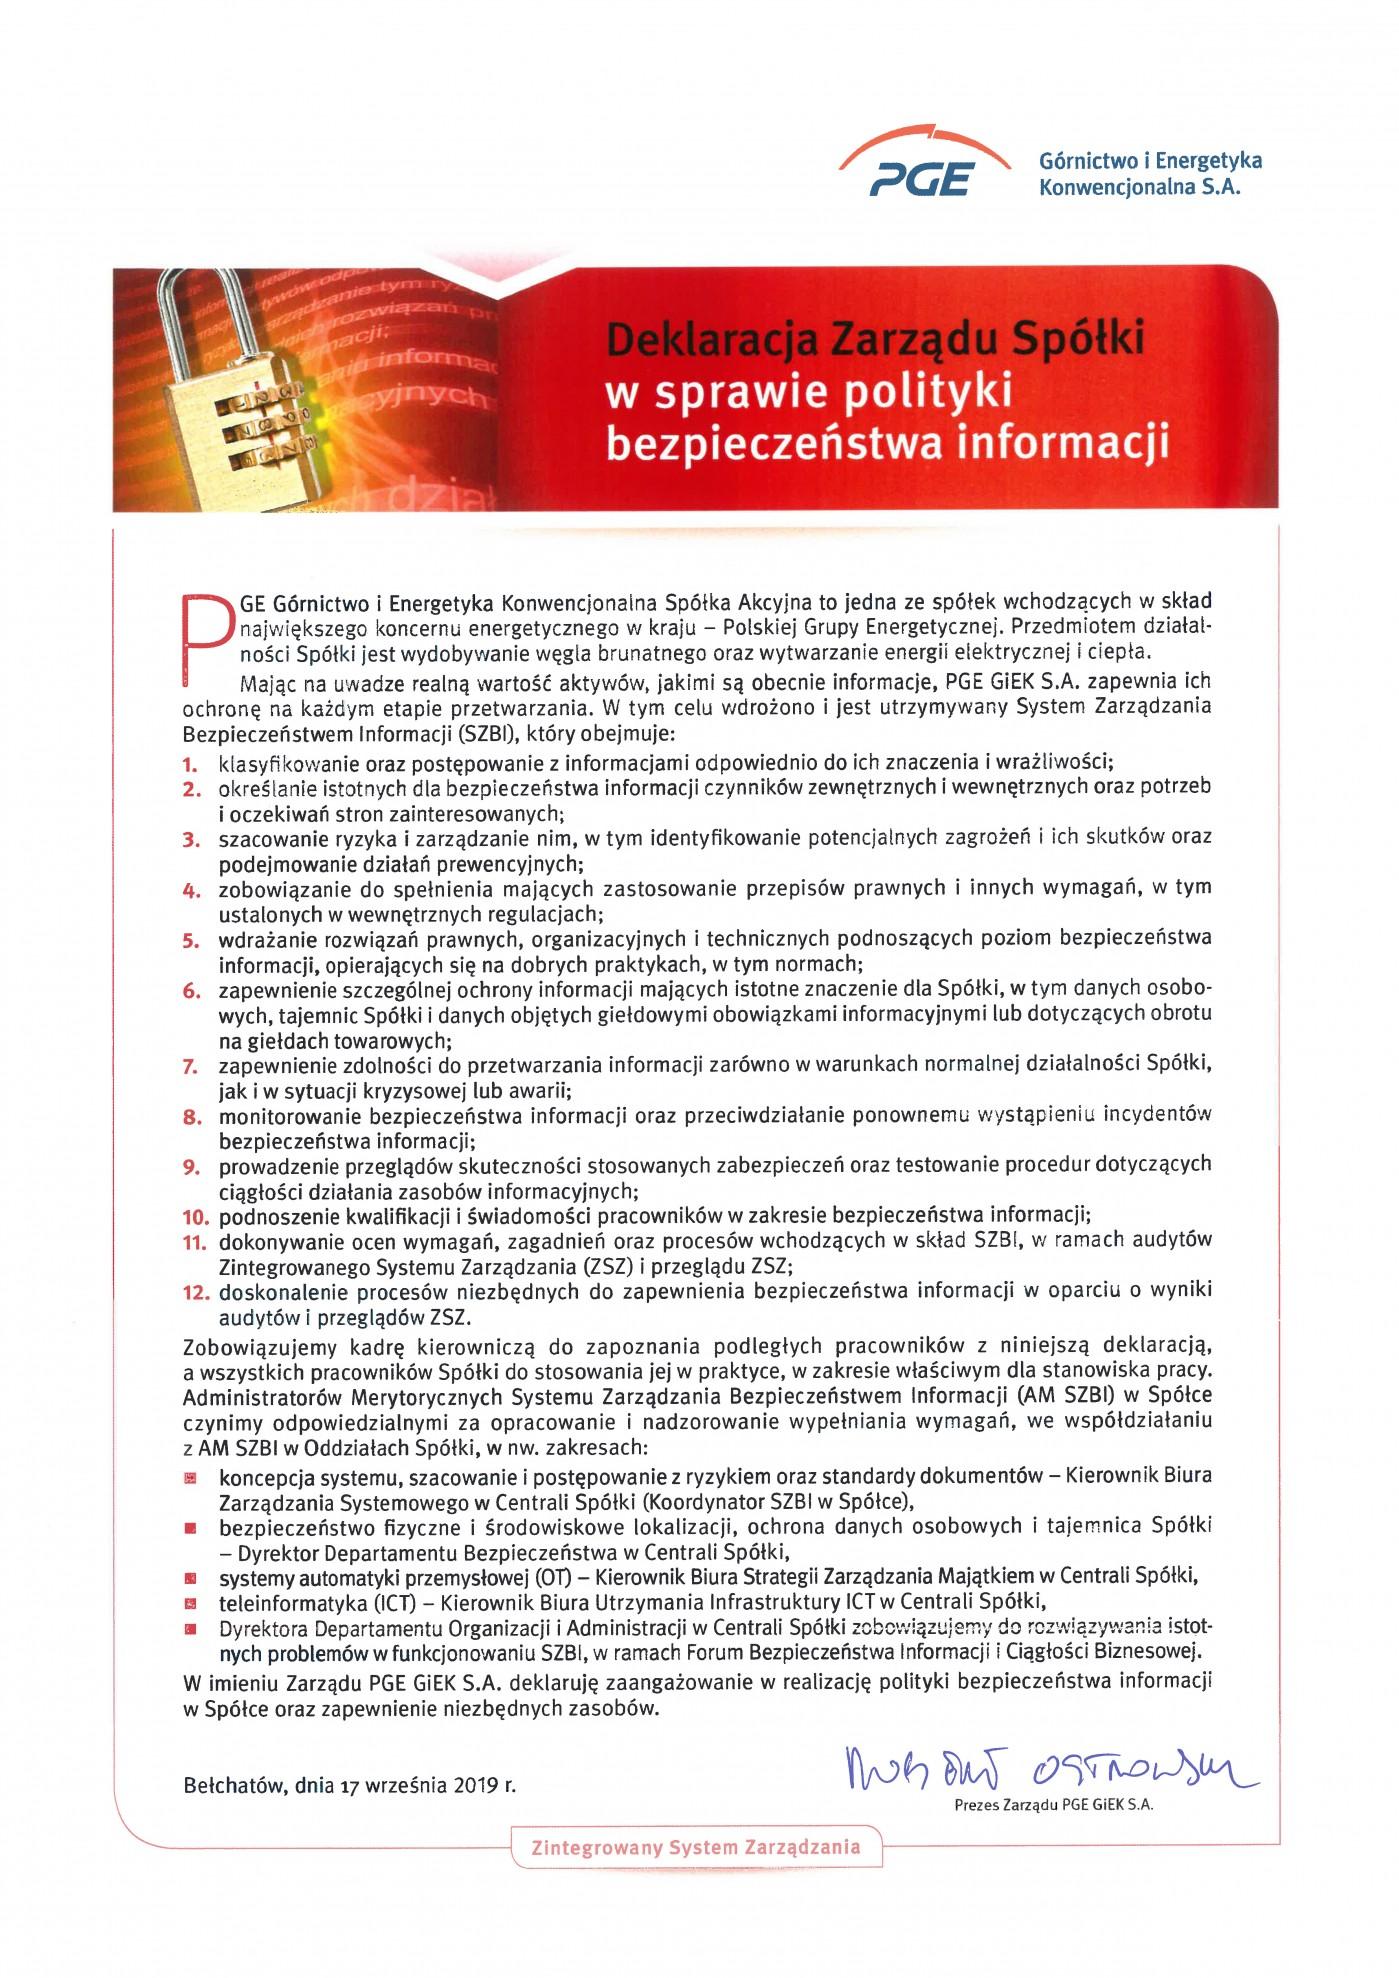 deklarpolit-szbi_giek_2019-09-17.jpg